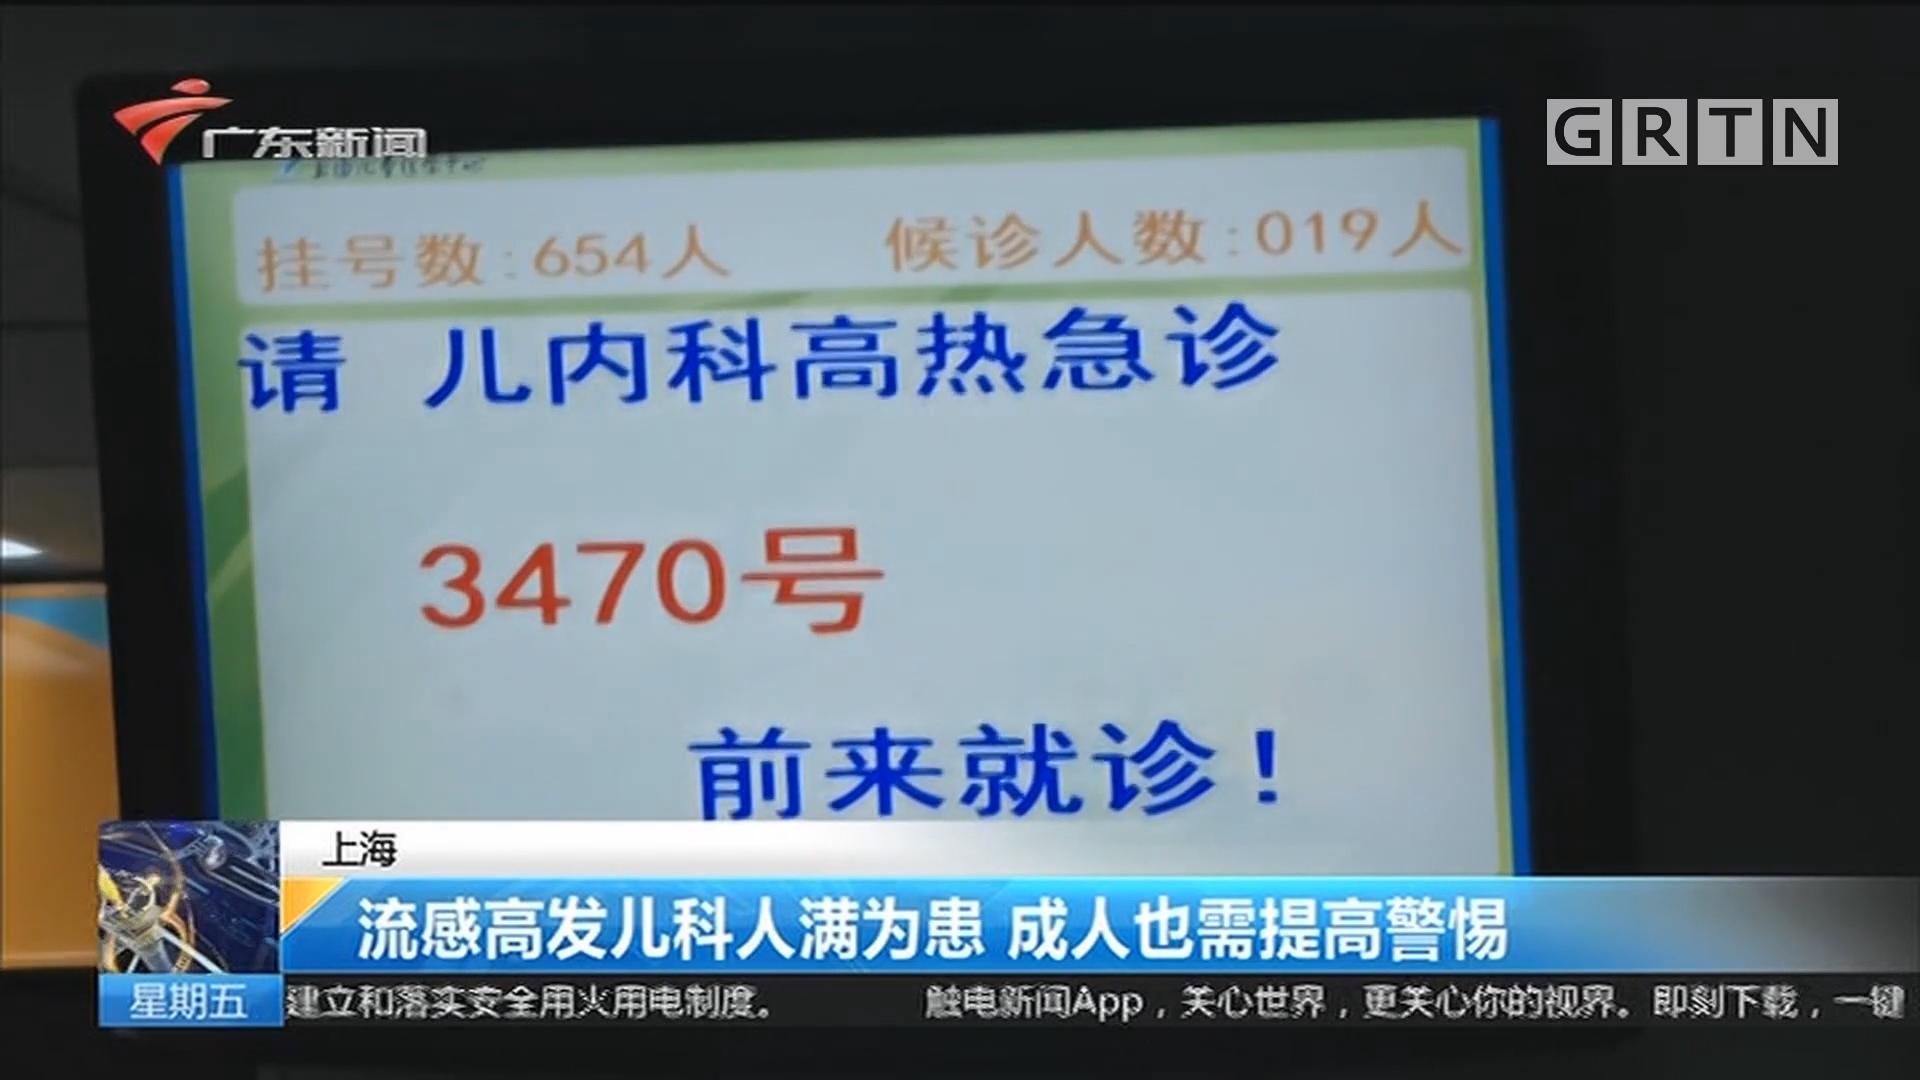 上海 流感高发儿科人满为患 成人也需提高警惕